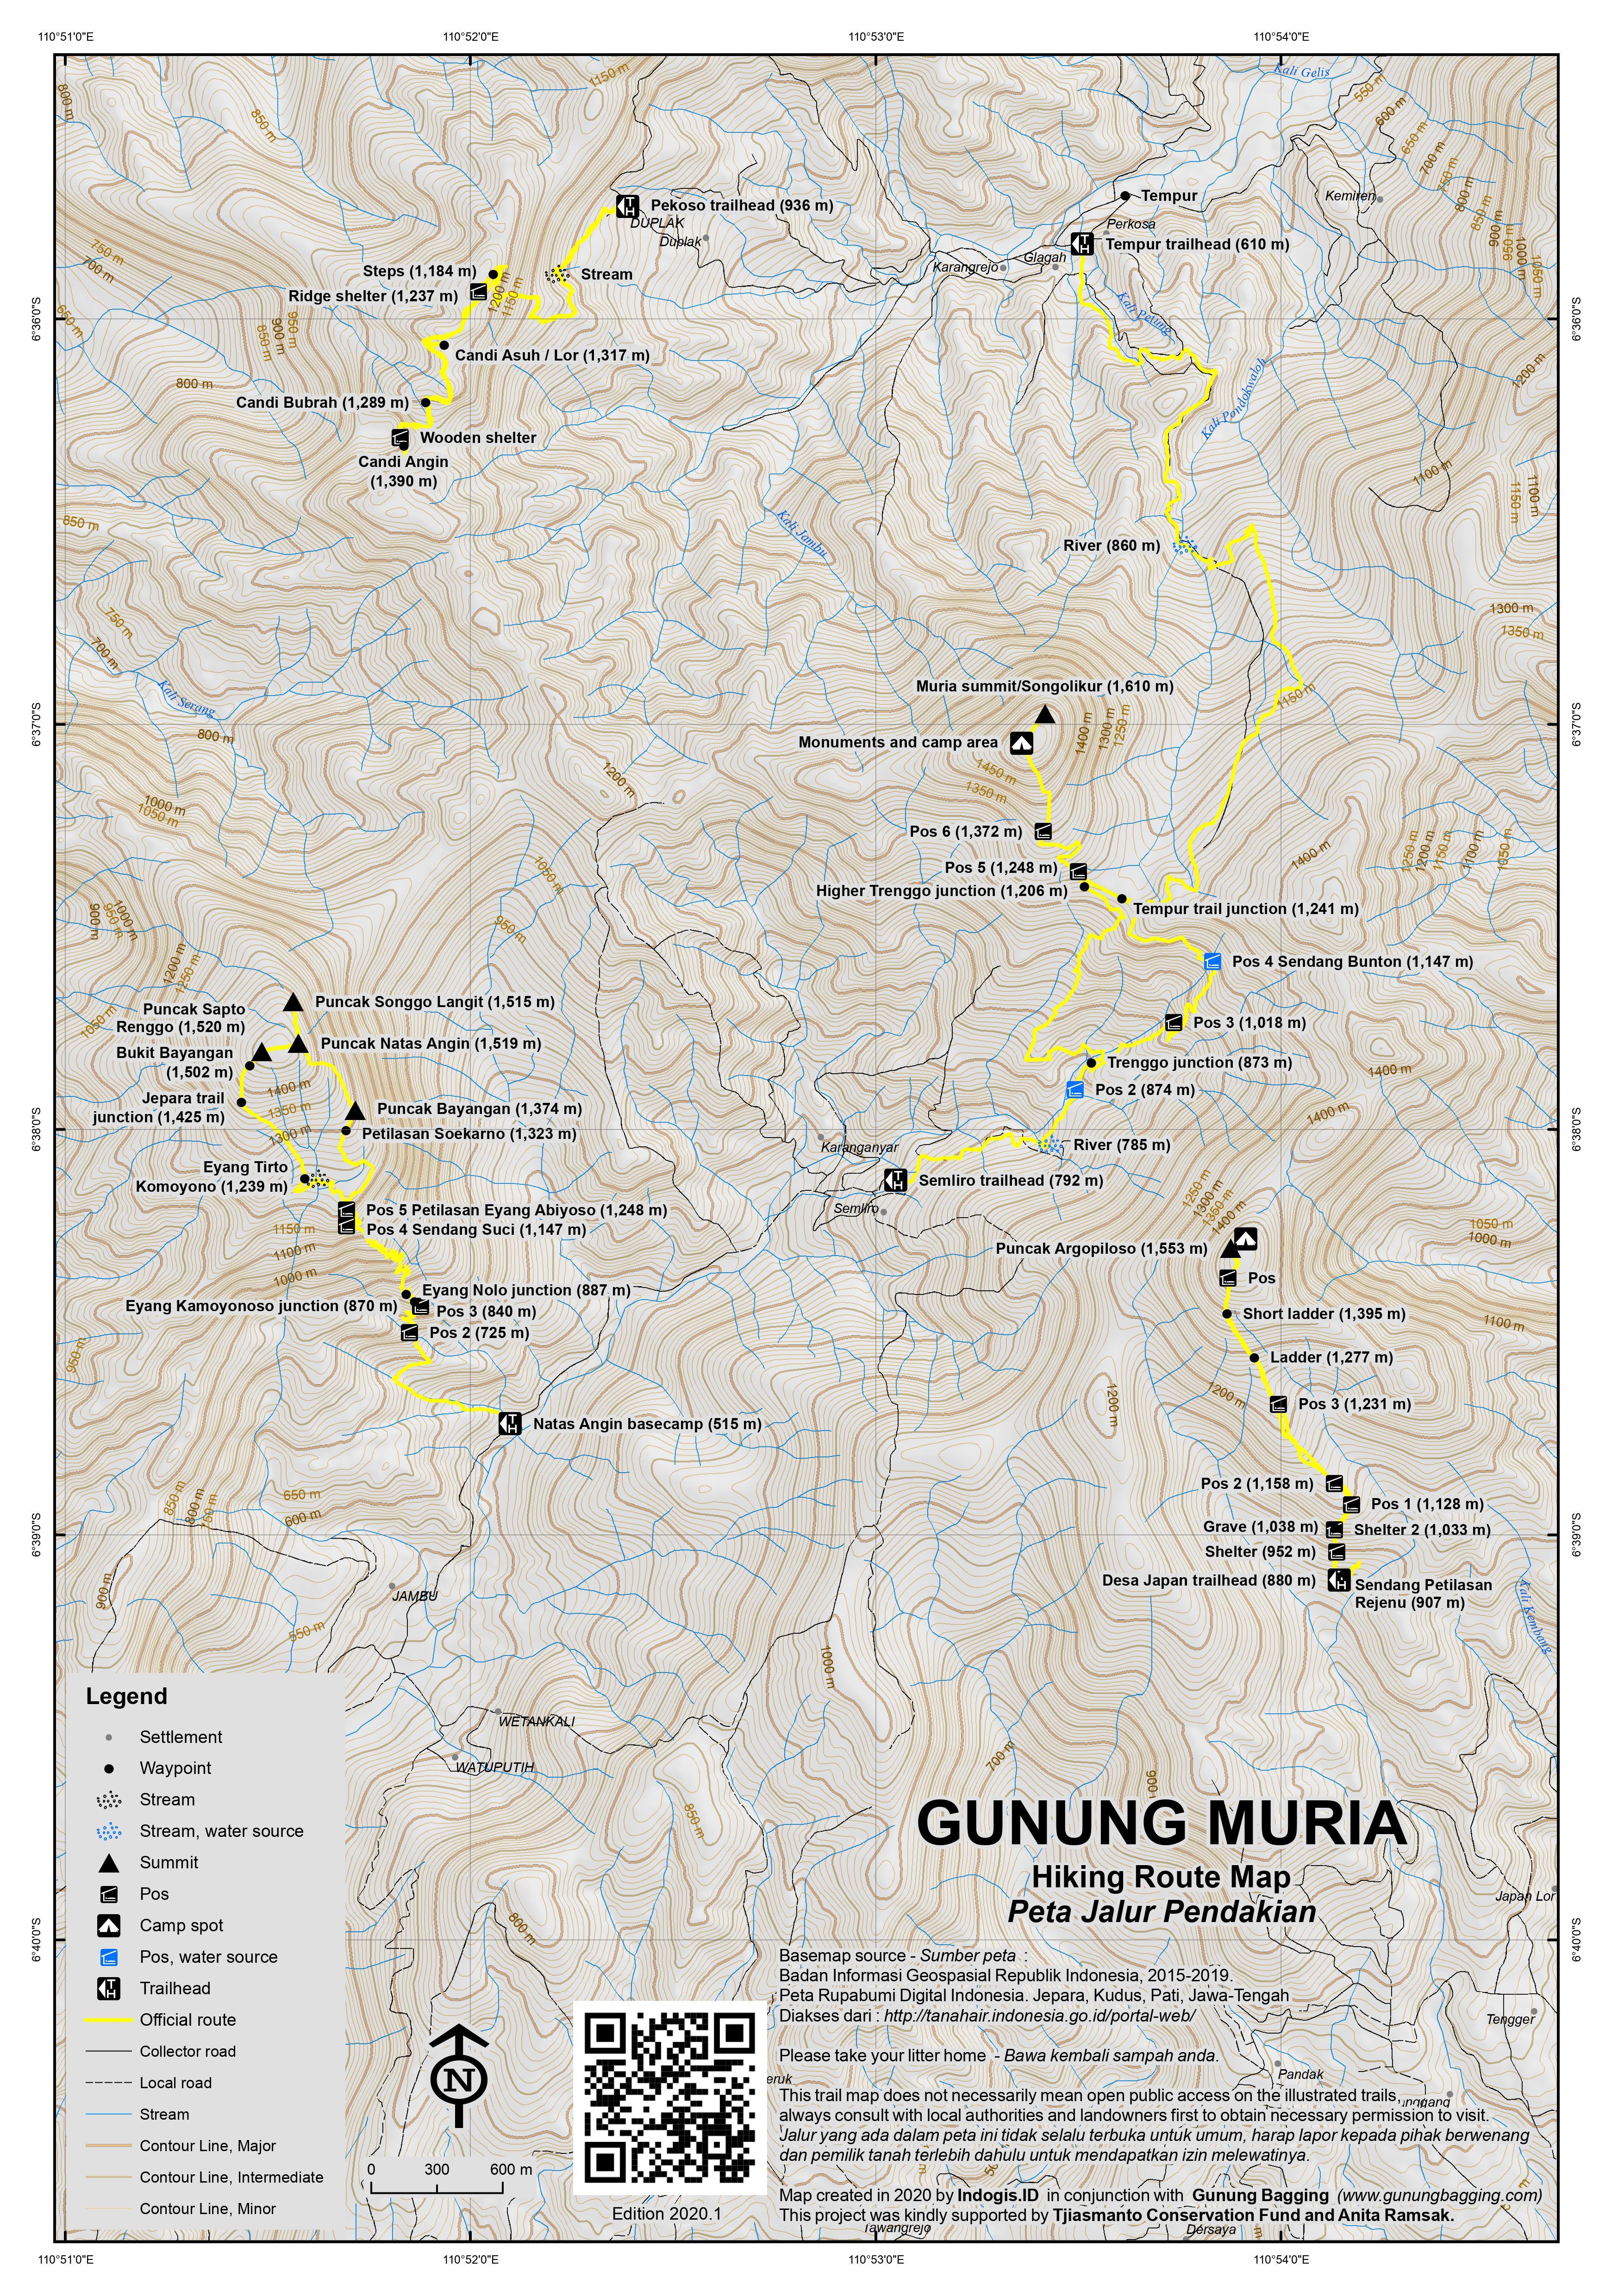 Peta Jalur Pendakian Gunung Muria